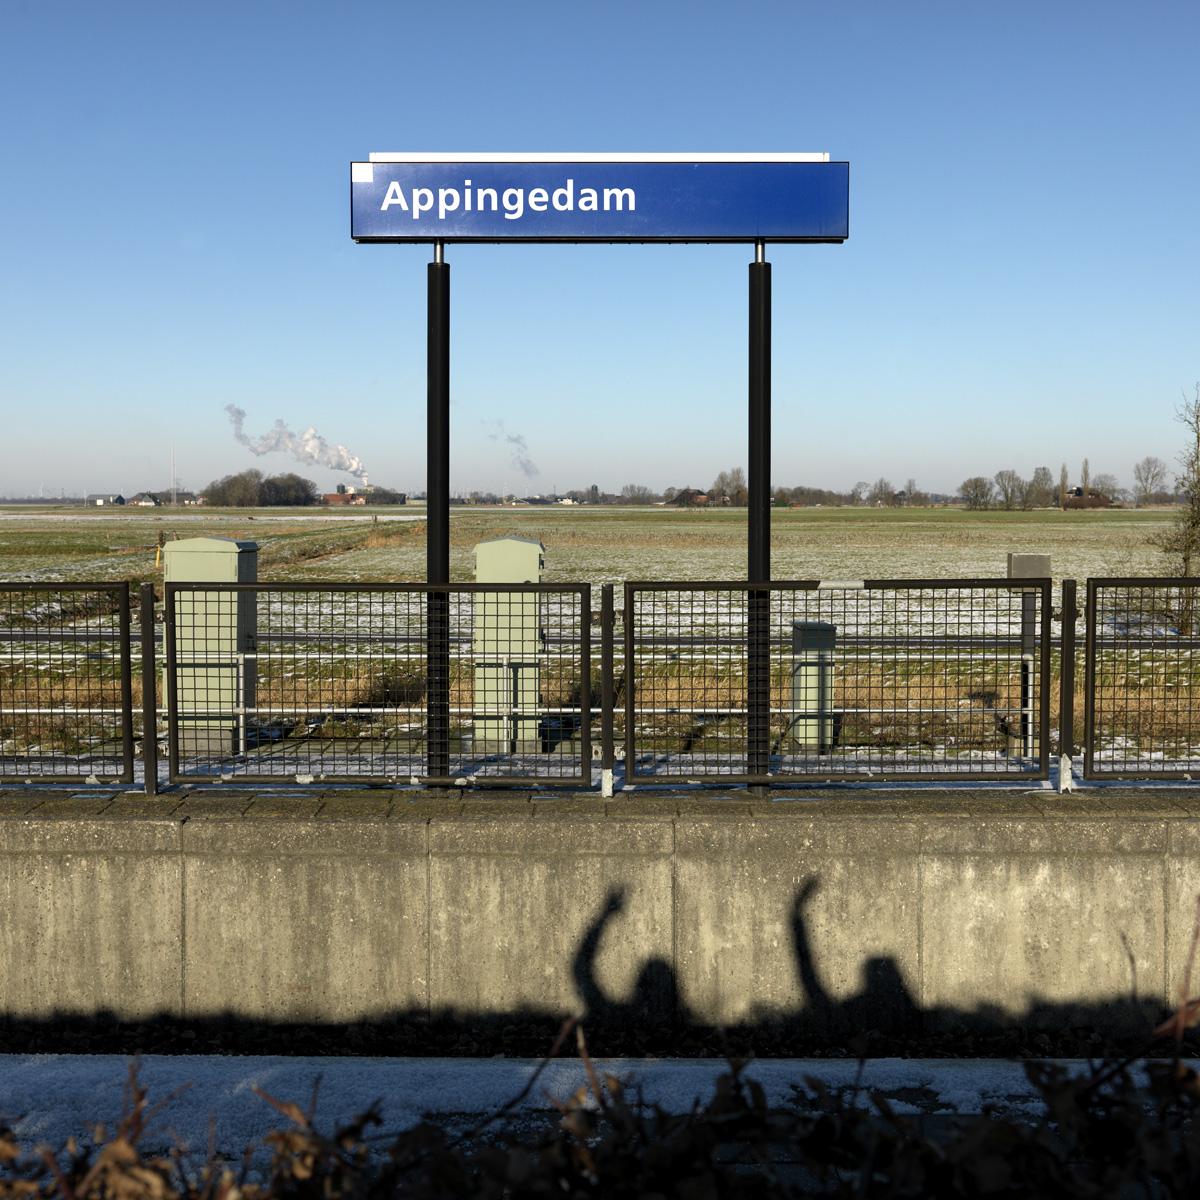 'Toen mijn middelste zoon de oversteek naar Griekenland wilde maken ging het mis. De boot zonk en hij overleed. Nu, een jaar later, heb ik met zijn 2 kleine kinderen de zelfde boottocht gemaakt.'     DEZE BRIEF IS GESCHREVEN NAMENS DE 71-JARIGE ACHMED:   Hallo Joep,  Hoe gaat het u? Mijn naam is Achmed, en ik wil aan u en iedereen in Nederland mijn verhaal vertellen.  Anderhalf jaar geleden werd ons huis in Aleppo door milities aangevallen. Wij hadden geen idee welke militie dit was, ik hoorde hen Arabisch spreken maar er waren ook buitenlanders bij. Ze namen onze bezittingen mee en zeiden dat, als we er de volgende dag nog zouden zijn, ze onze vrouwen en kinderen zouden doden.  Een paar maanden eerder was ook al mijn winkel gestolen. Er stond simpelweg iemand anders op de plek waar ik 40 jaar had gestaan. En ik durfde daar niets tegen te doen.  Ik kreeg een heel slecht gevoel en zei tegen mijn 3 zoons dat ze moesten vluchten naar Turkije. Hun vrouwen bleven achter met de kinderen op een andere plek. Zo probeerden mijn zoons een plek te vinden in Turkije waar ze hun gezinnen naar toe konden brengen. Maar het lukte niet. Er was geen inkomen en geen huis.  In de zoektocht naar een plek voor zijn gezin maakte mijn oudste zoon de oversteek naar Griekenland. Hij is nu in Duitsland. Maar toen mijn middelste zoon hem wilde volgen ging het mis. De boot waar hij op zat zonk en hij overleed. Toen ik hoorde dat hij er niet meer was kreeg ik zo'n klap dat het voelde het alsof er een rots tegen mijn hoofd werd gegooid.  Ik heb me altijd jong gevoeld, maar sinds zijn dood voel ik me oud. Ook ben ik bang dat dit verdriet de oorzaak is van de bloedprop die is ontstaan in mijn hoofd. Ik ben helaas niet meer gezond en slik medicijnen.  Ruim een maand geleden besloot mijn jongste zoon dat we met z'n allen over zouden gaan. In Syrië zal de oorlog nog jaren duren en wij willen onze kinderen een toekomst geven.  Met zijn gezin, de 2 kinderen van mijn overleden zoon, en de vrouw en kinder